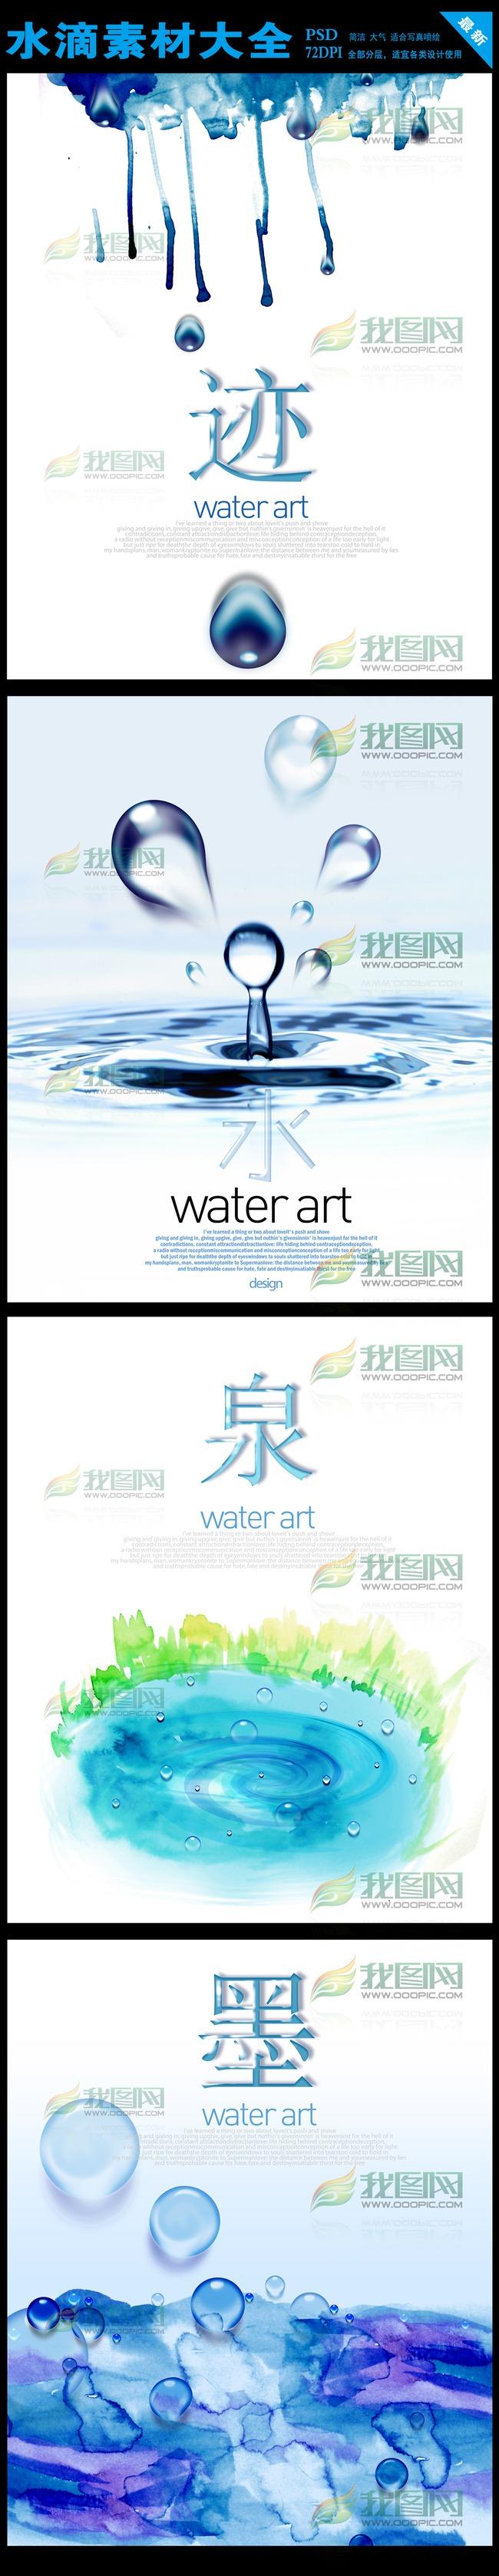 水滴 露珠 晨露 露水 水珠 环保 环保标志 环保海报 保护水资源 公益